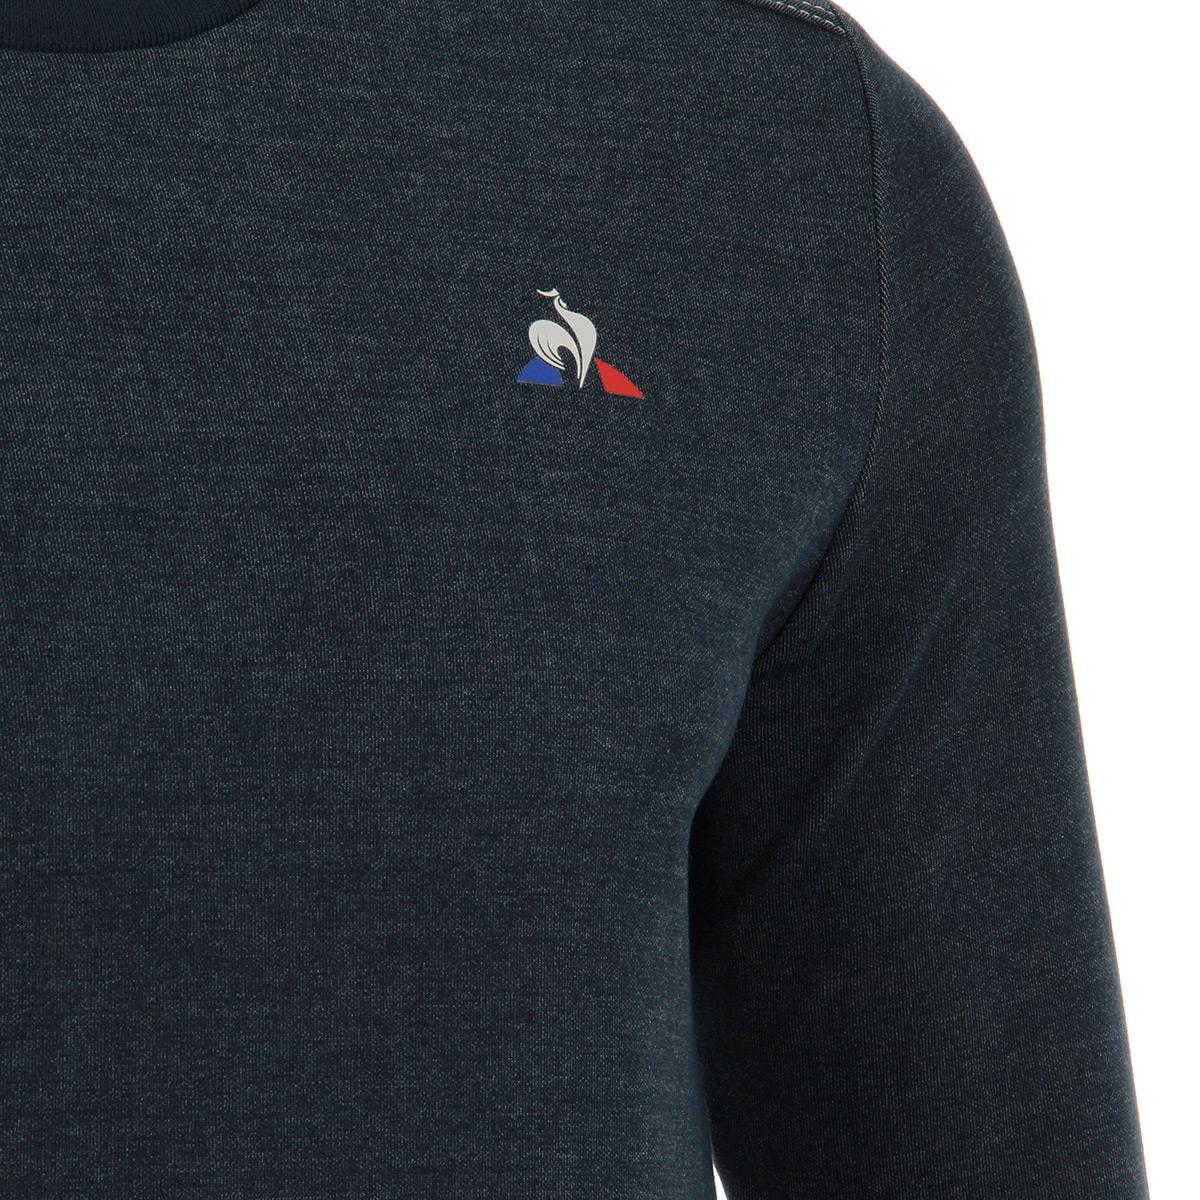 Vêtement Sweats Le Coq Sportif homme Tri Crew Sweat taille Bleu ... 60d520263df